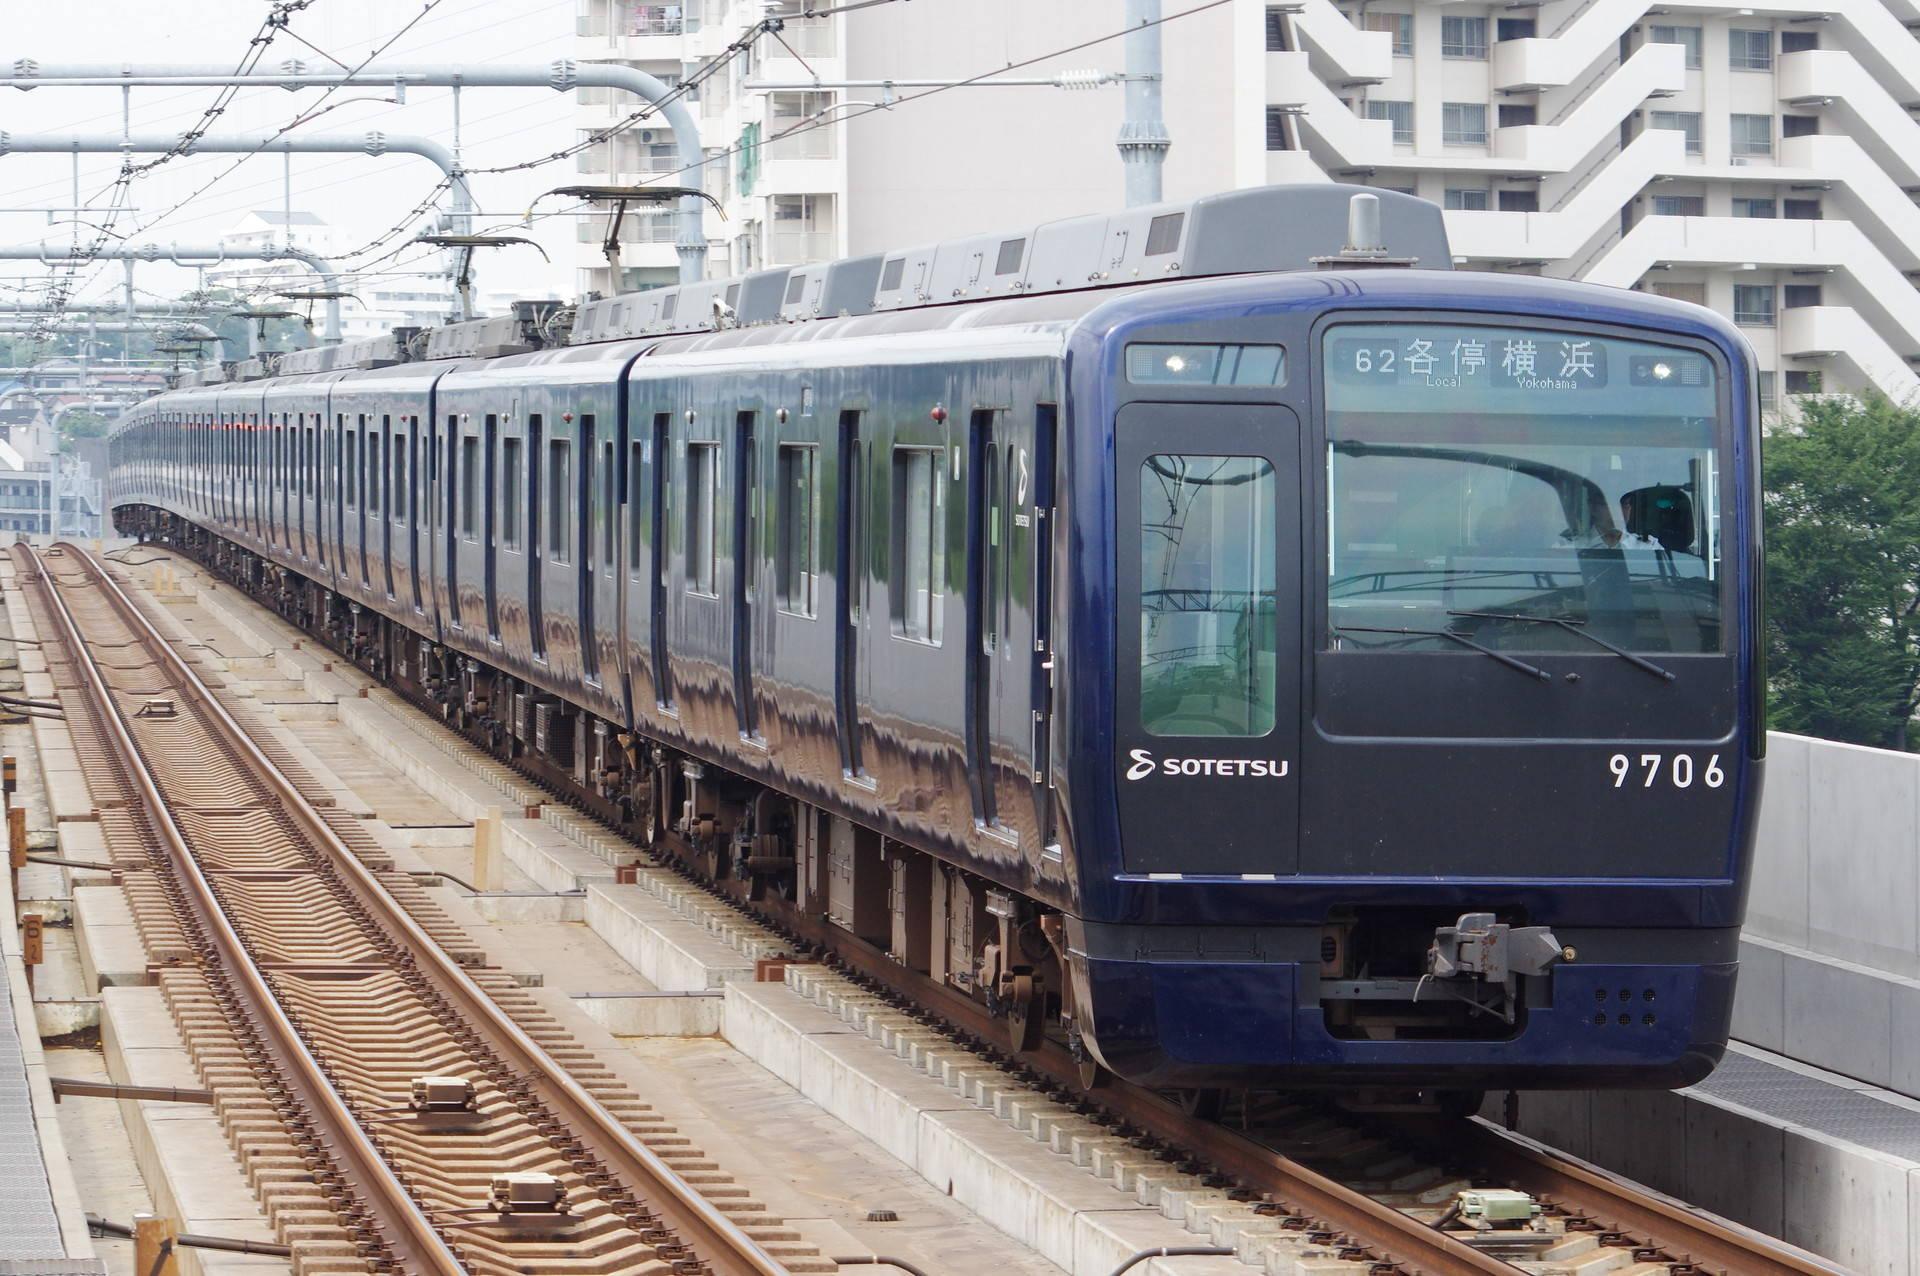 9000系9706編成 (YOKOHAMA NAVYBLUE)